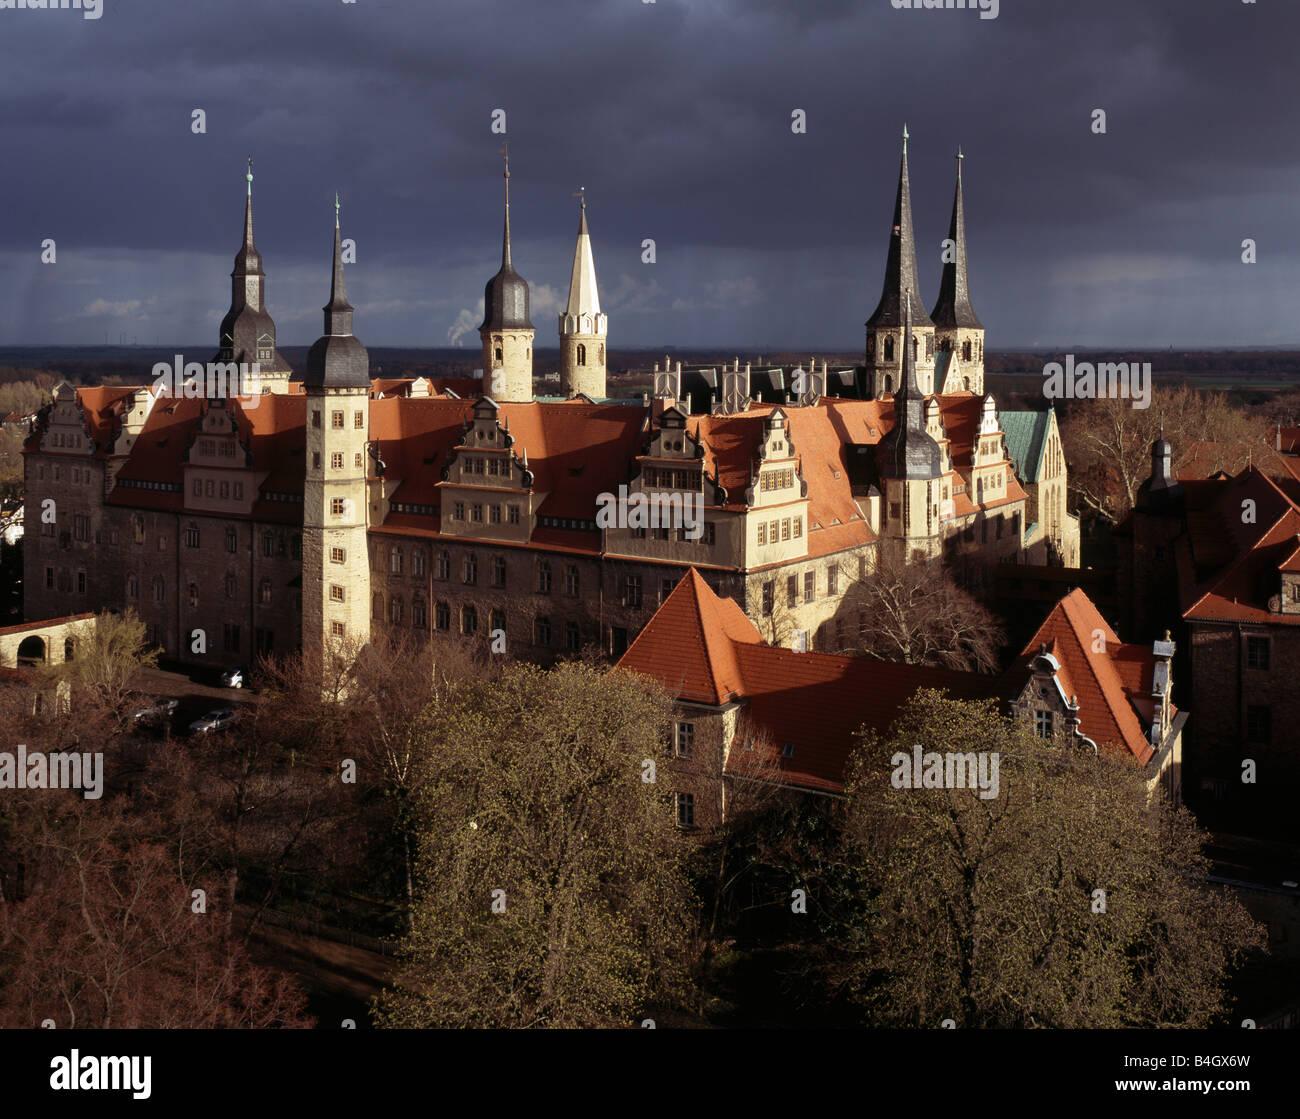 Merseburg/Saale, Schloß Und Türme des Doms, Blick von Nordwesten Stockbild